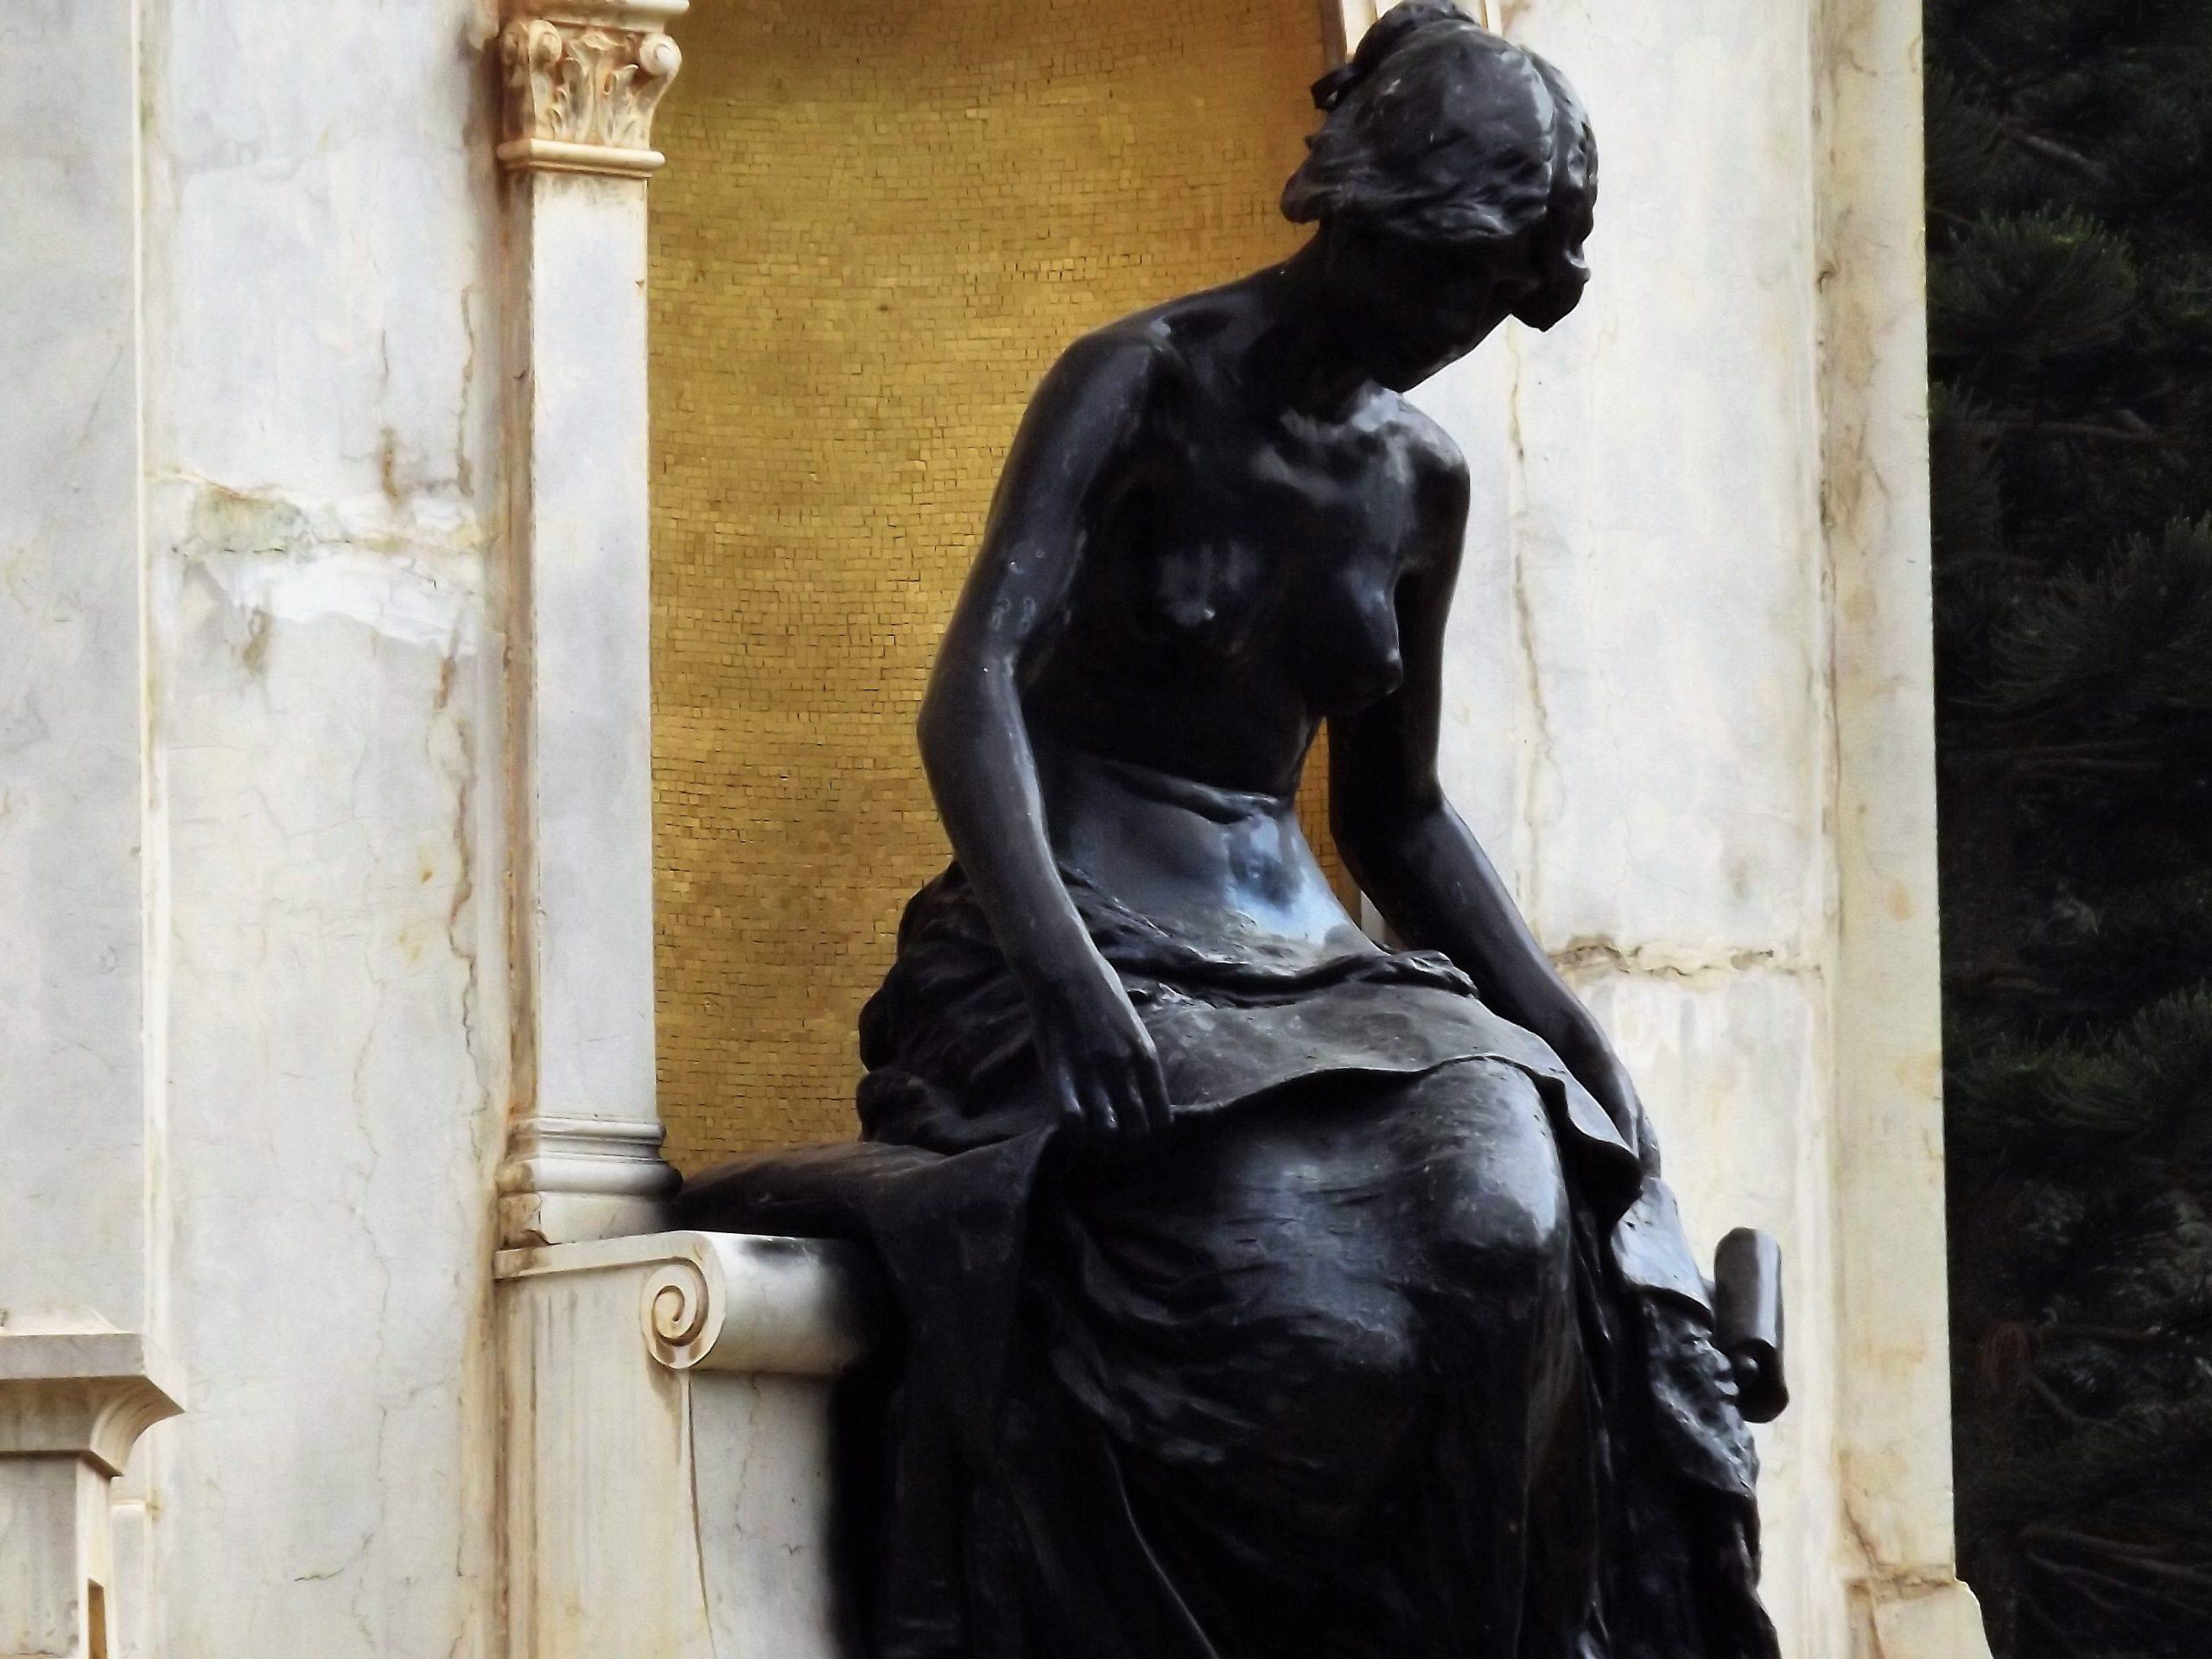 Statue in Bangalore